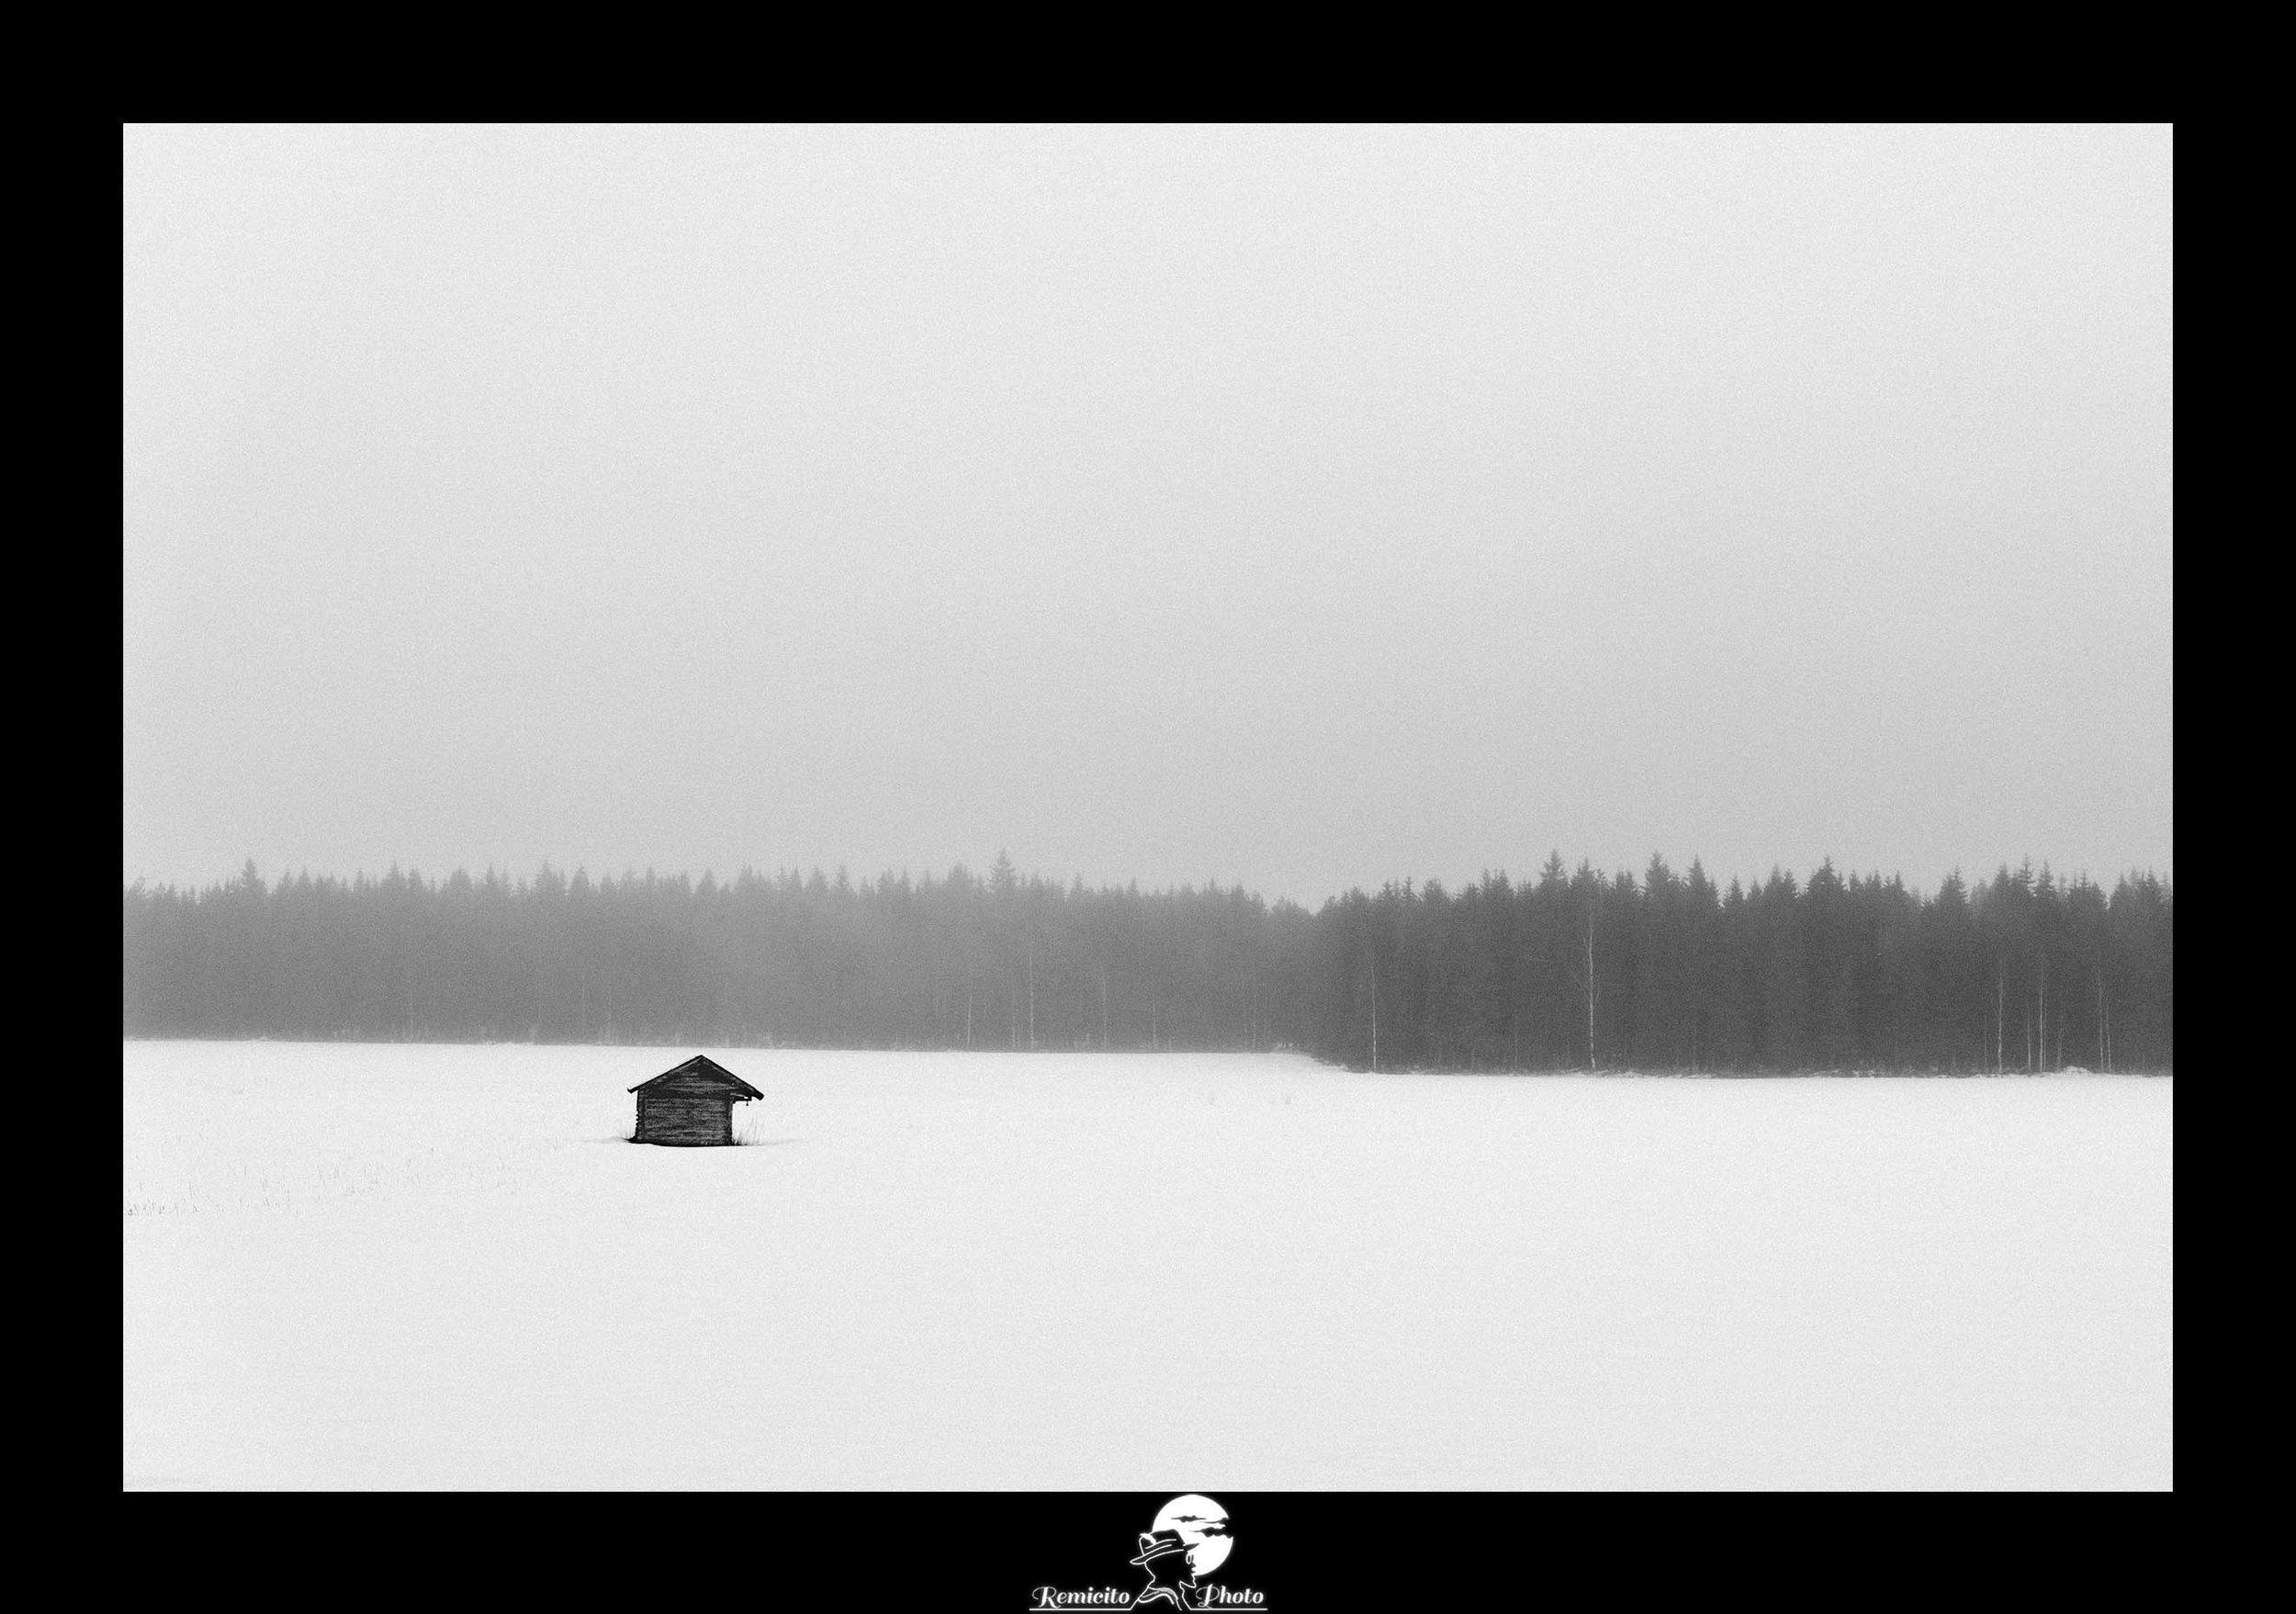 remicito, photoclub paris val-de-bièvres, remicito rémi lacombe, photo châlet noir et blanc, belle photo maison neige forêt, idée cadeau belle photo tirage noir et blanc